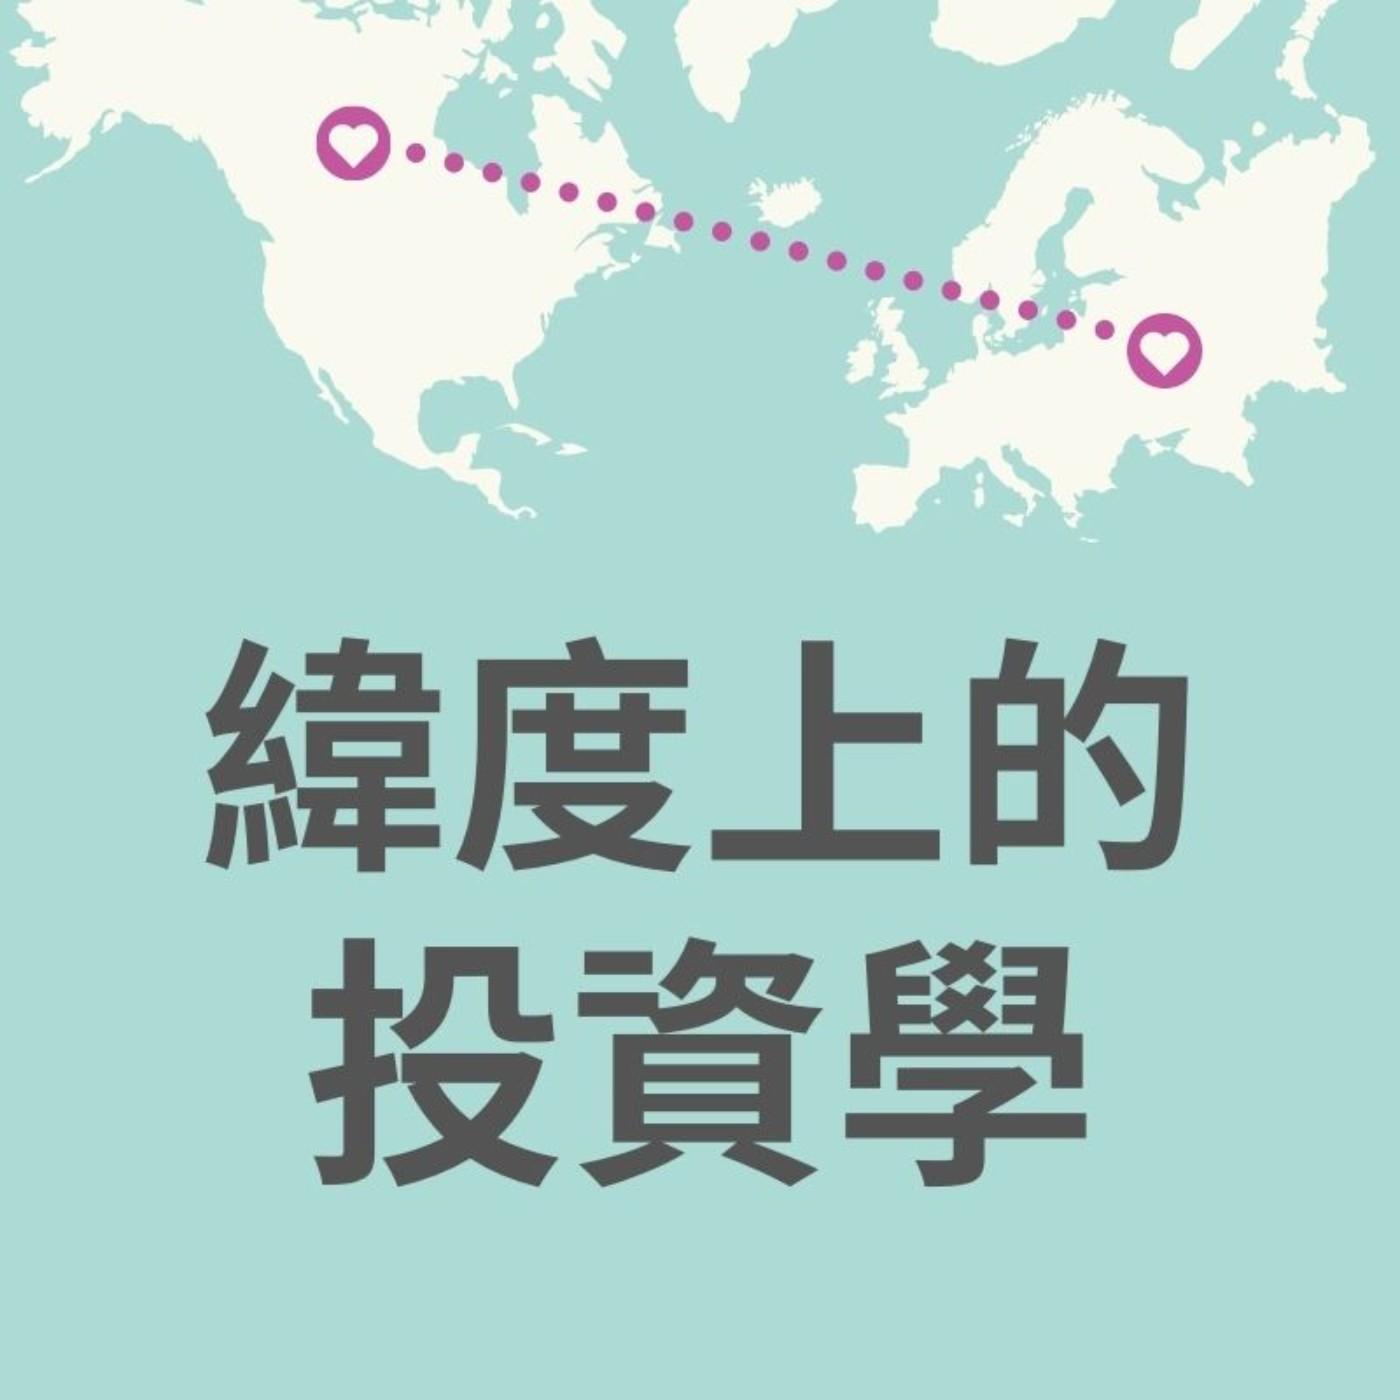 【市場輪廓 #9】兩項利多仍不敵中國的隕石式攻擊,比特幣的價格分水嶺在哪裡?